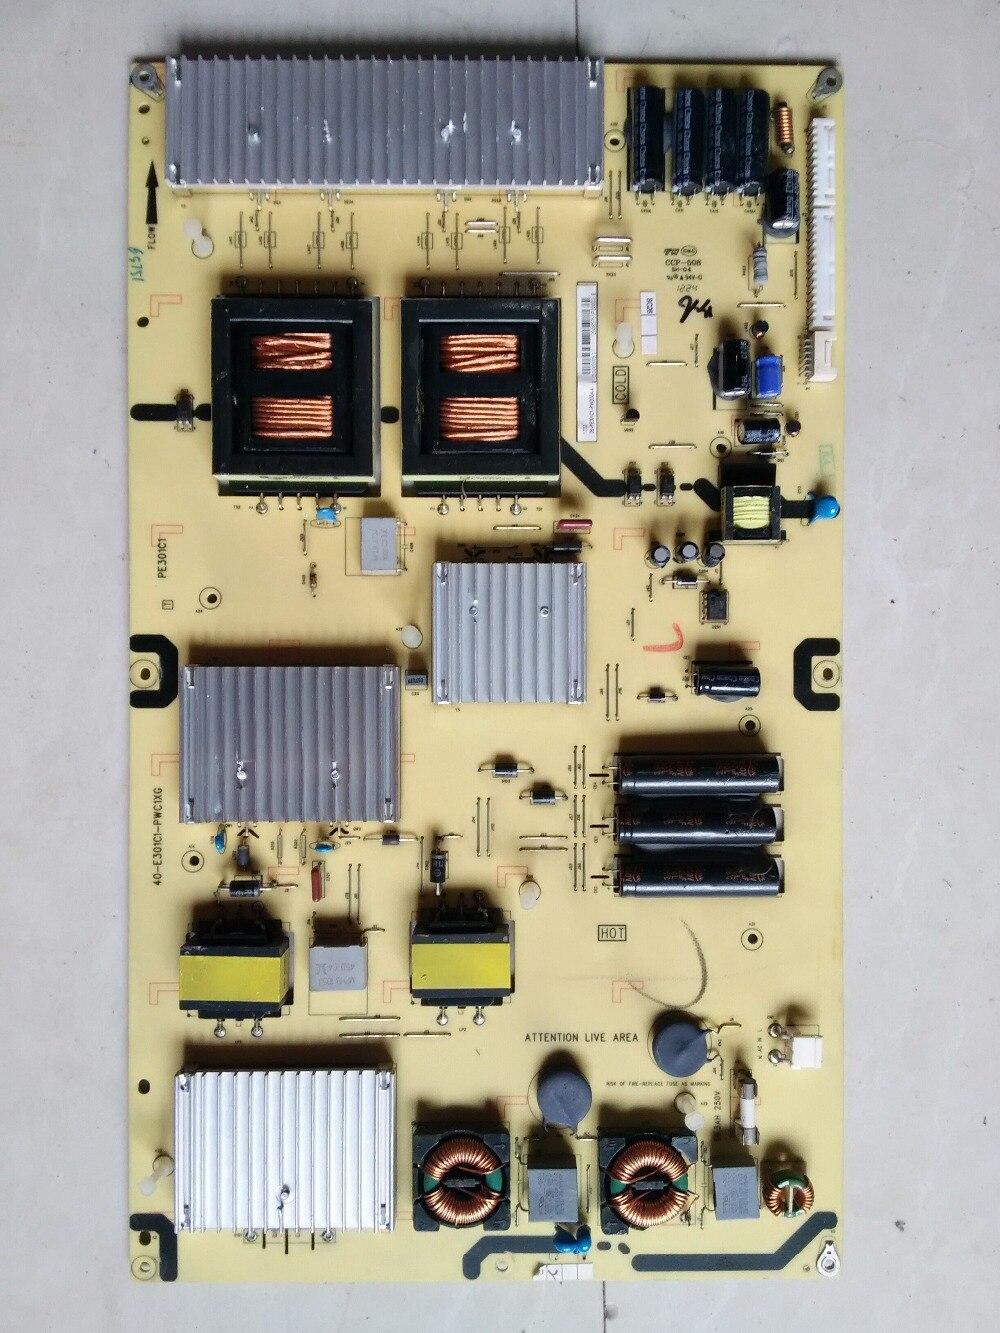 40-LH9211-PWB1XG 81-LH922J1-PL200AA Good Working Tested 81 el421c7 pl200aa 40 el4216 pwf1xg new led power board